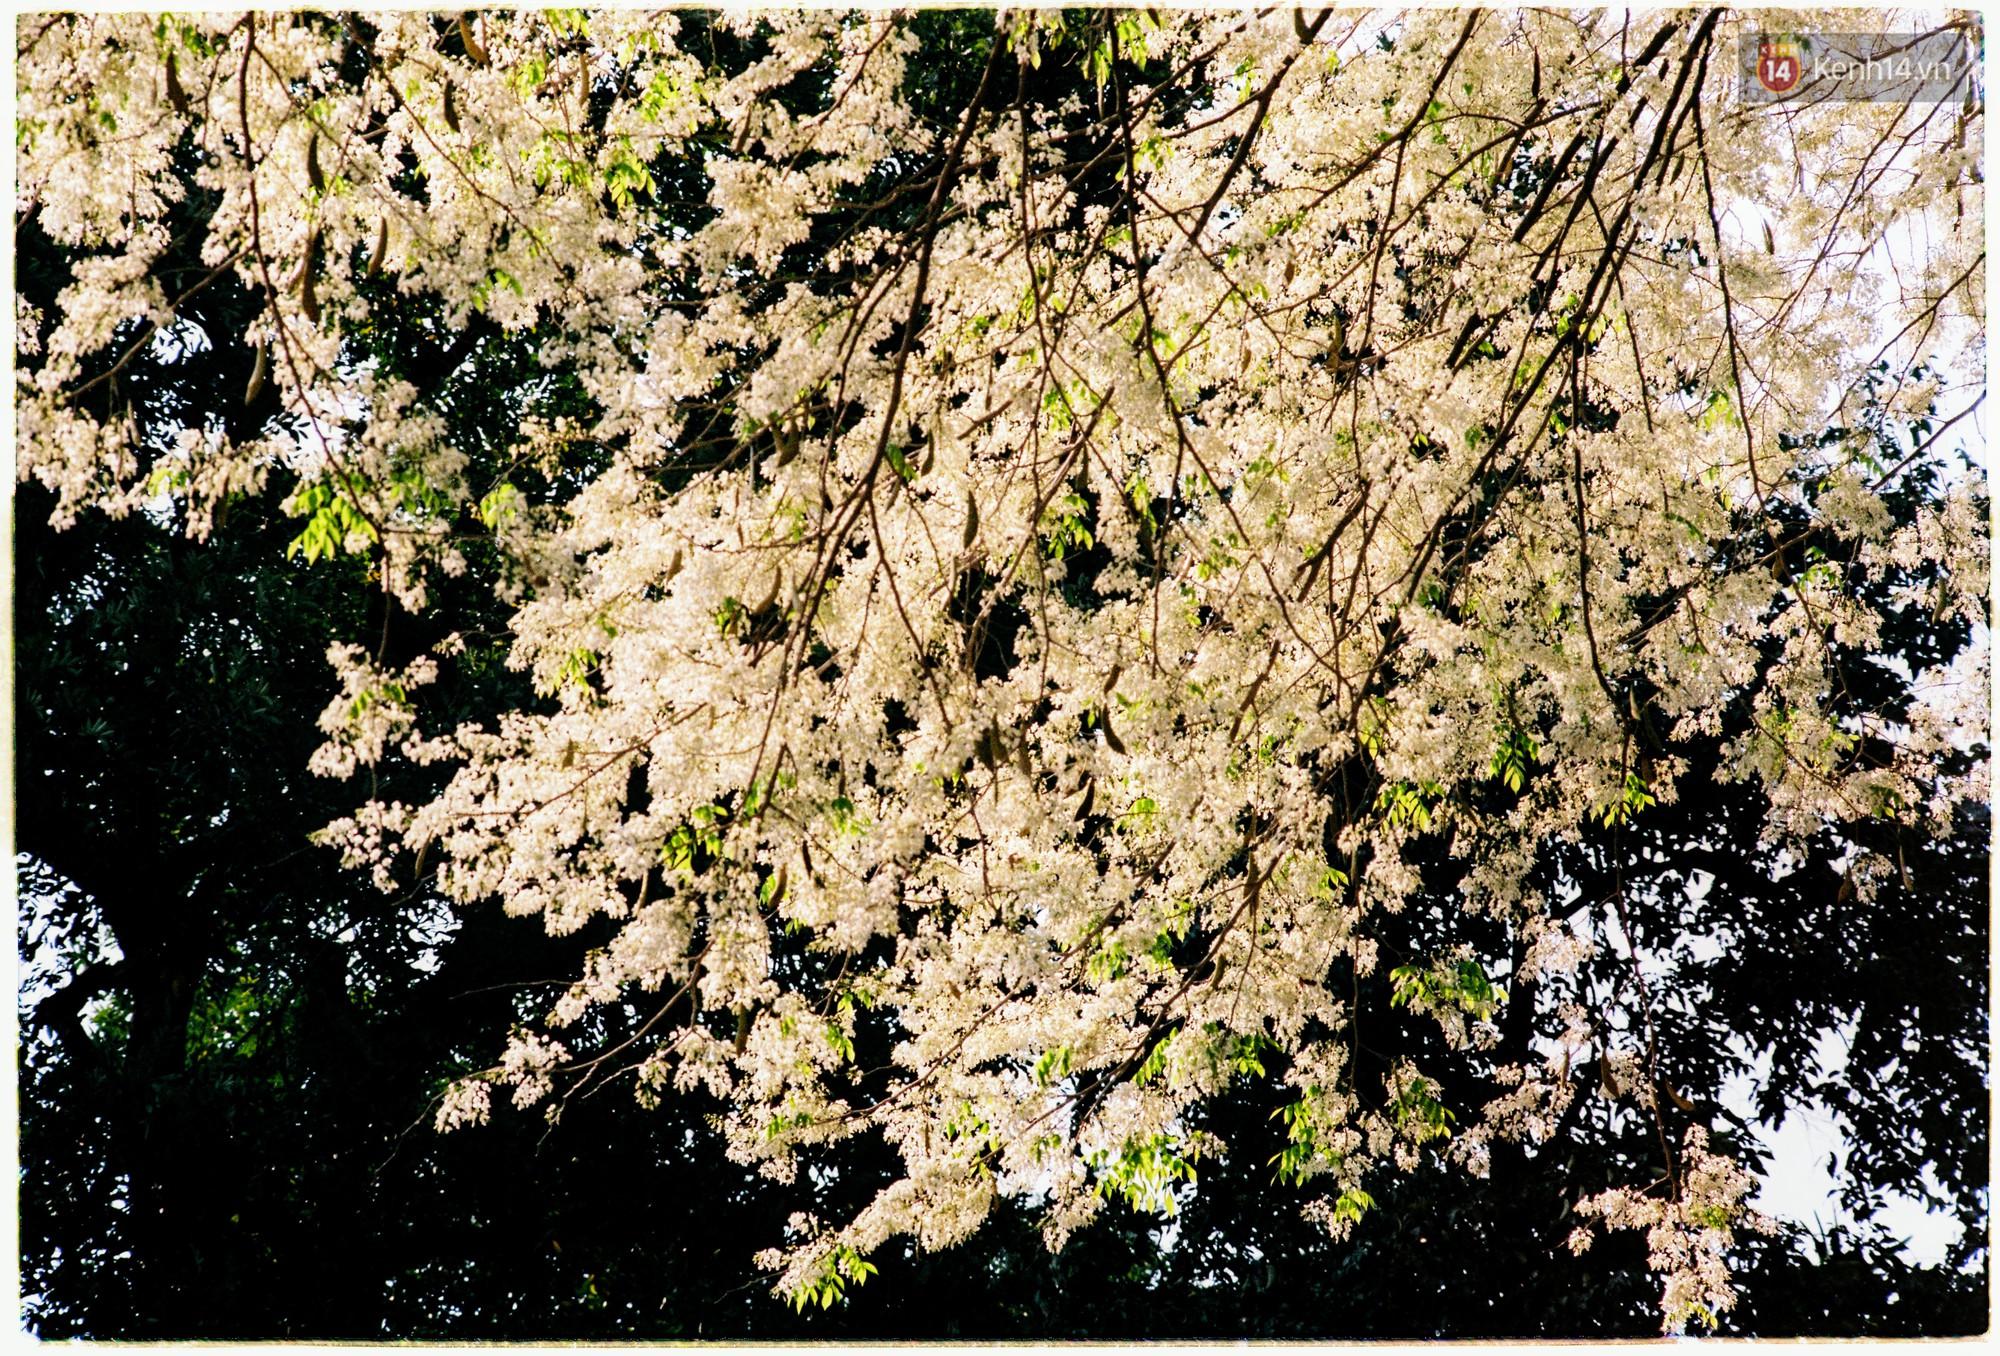 Hà Nội những ngày se lạnh, nắng đẹp và lá đỏ rợp góc phố - Ảnh 8.